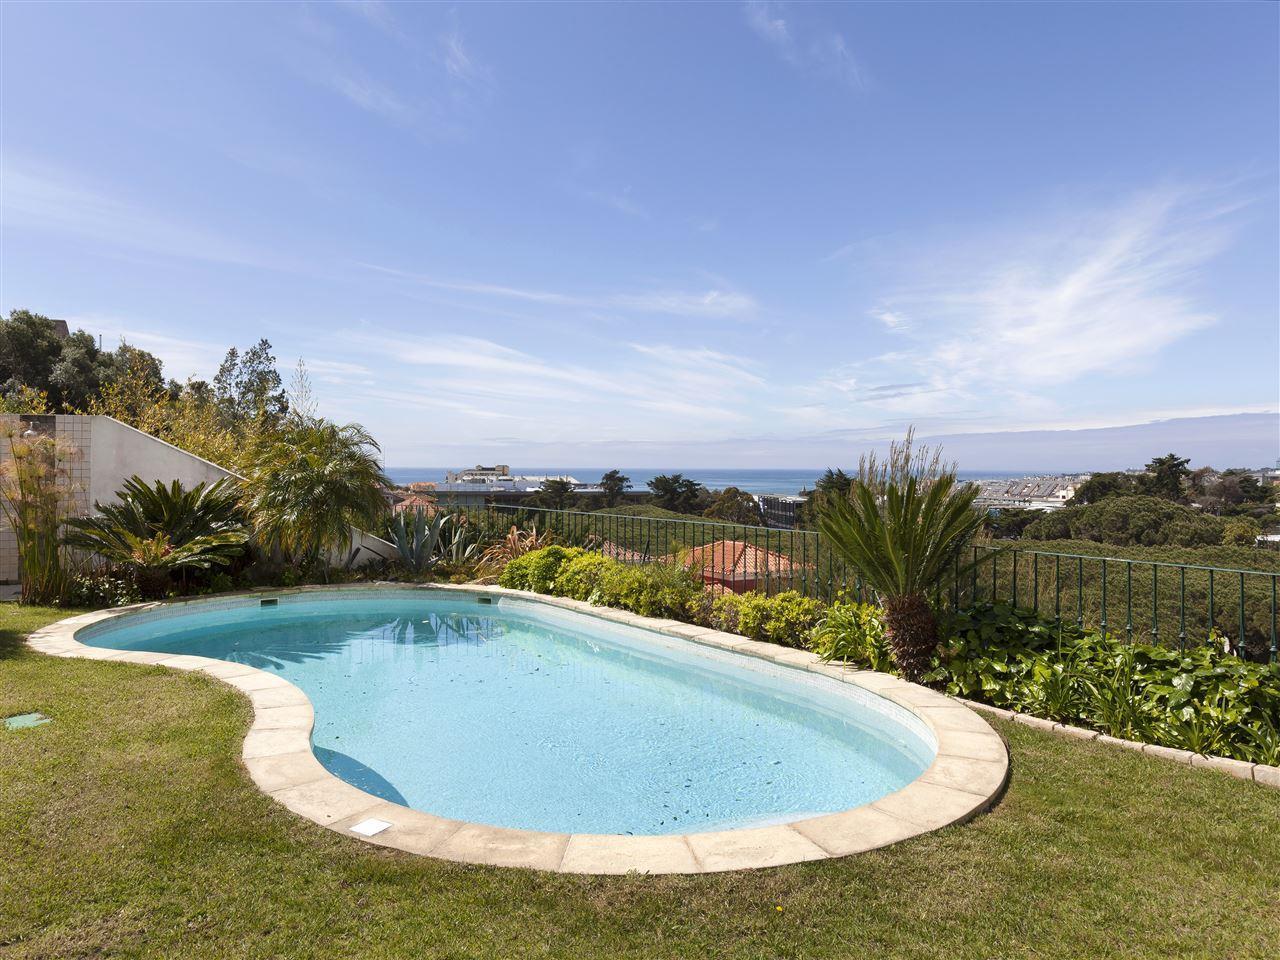 Maison unifamiliale pour l Vente à Detached house, 4 bedrooms, for Sale Estoril, Cascais, Lisbonne Portugal